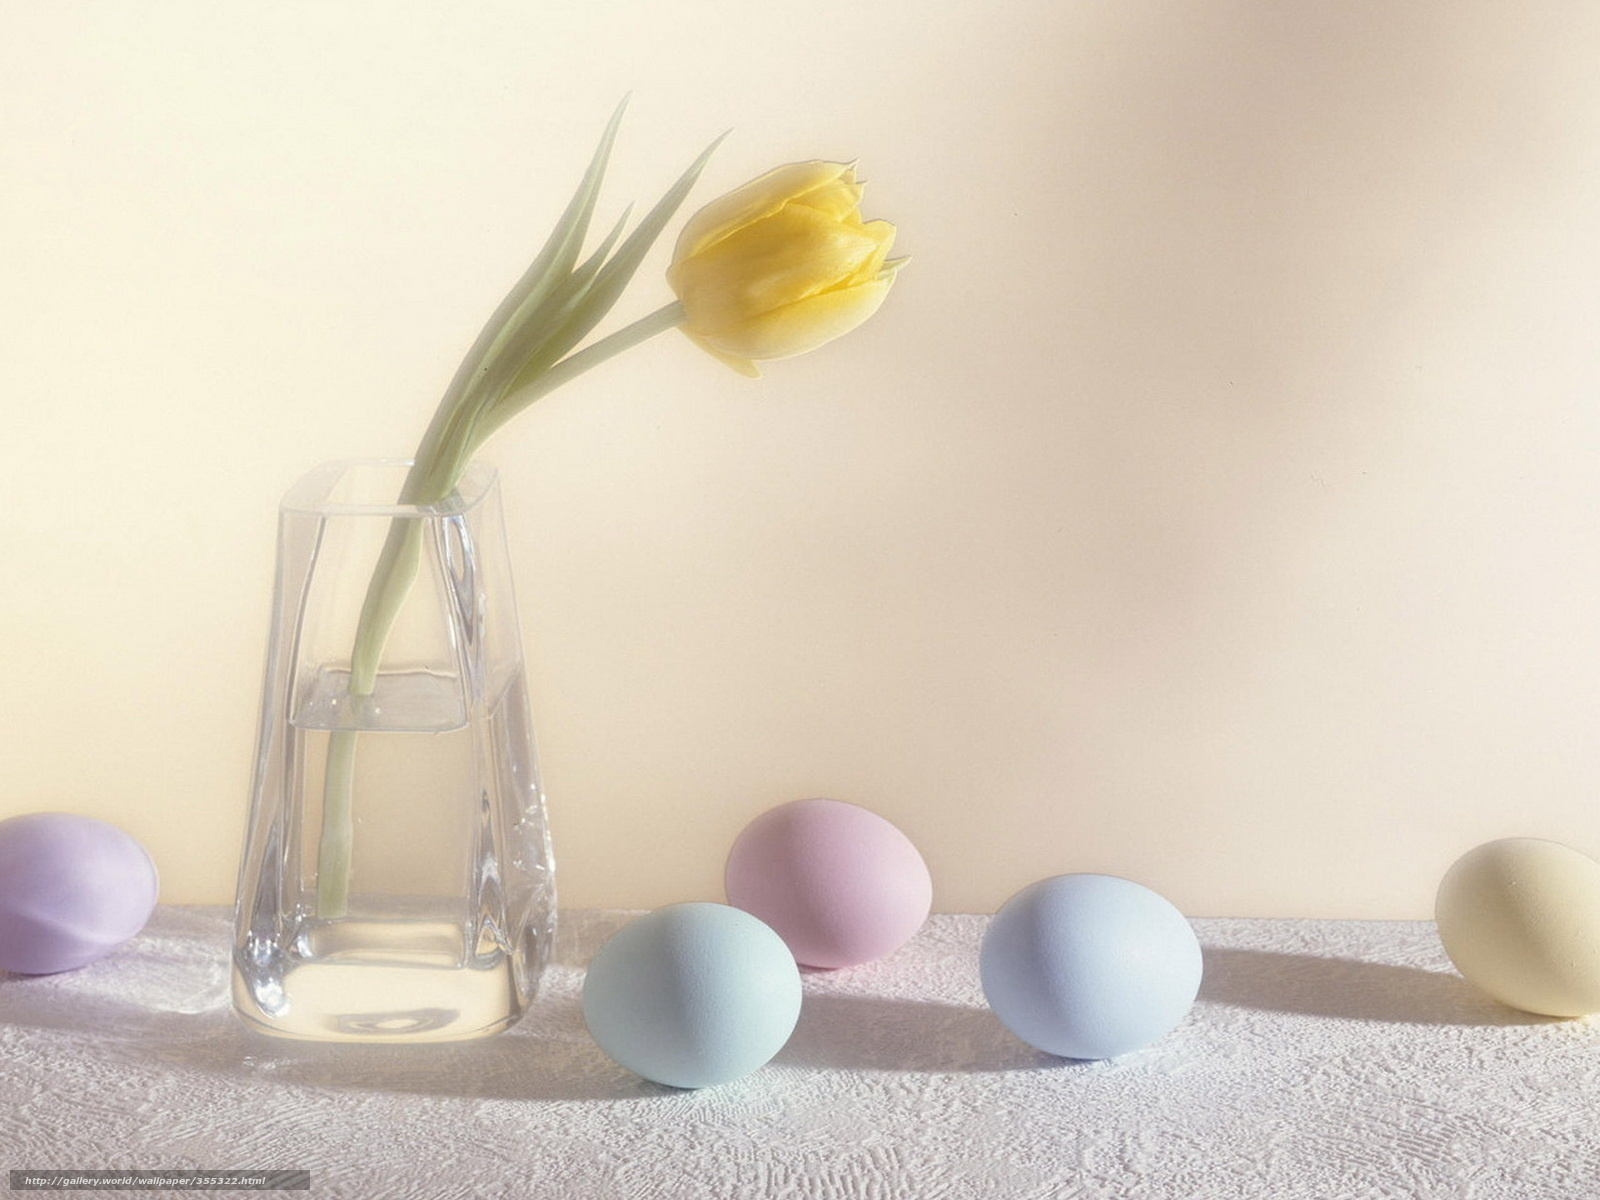 tlcharger fond d 39 ecran pques pastel couleur fonds d 39 ecran gratuits pour votre rsolution du. Black Bedroom Furniture Sets. Home Design Ideas